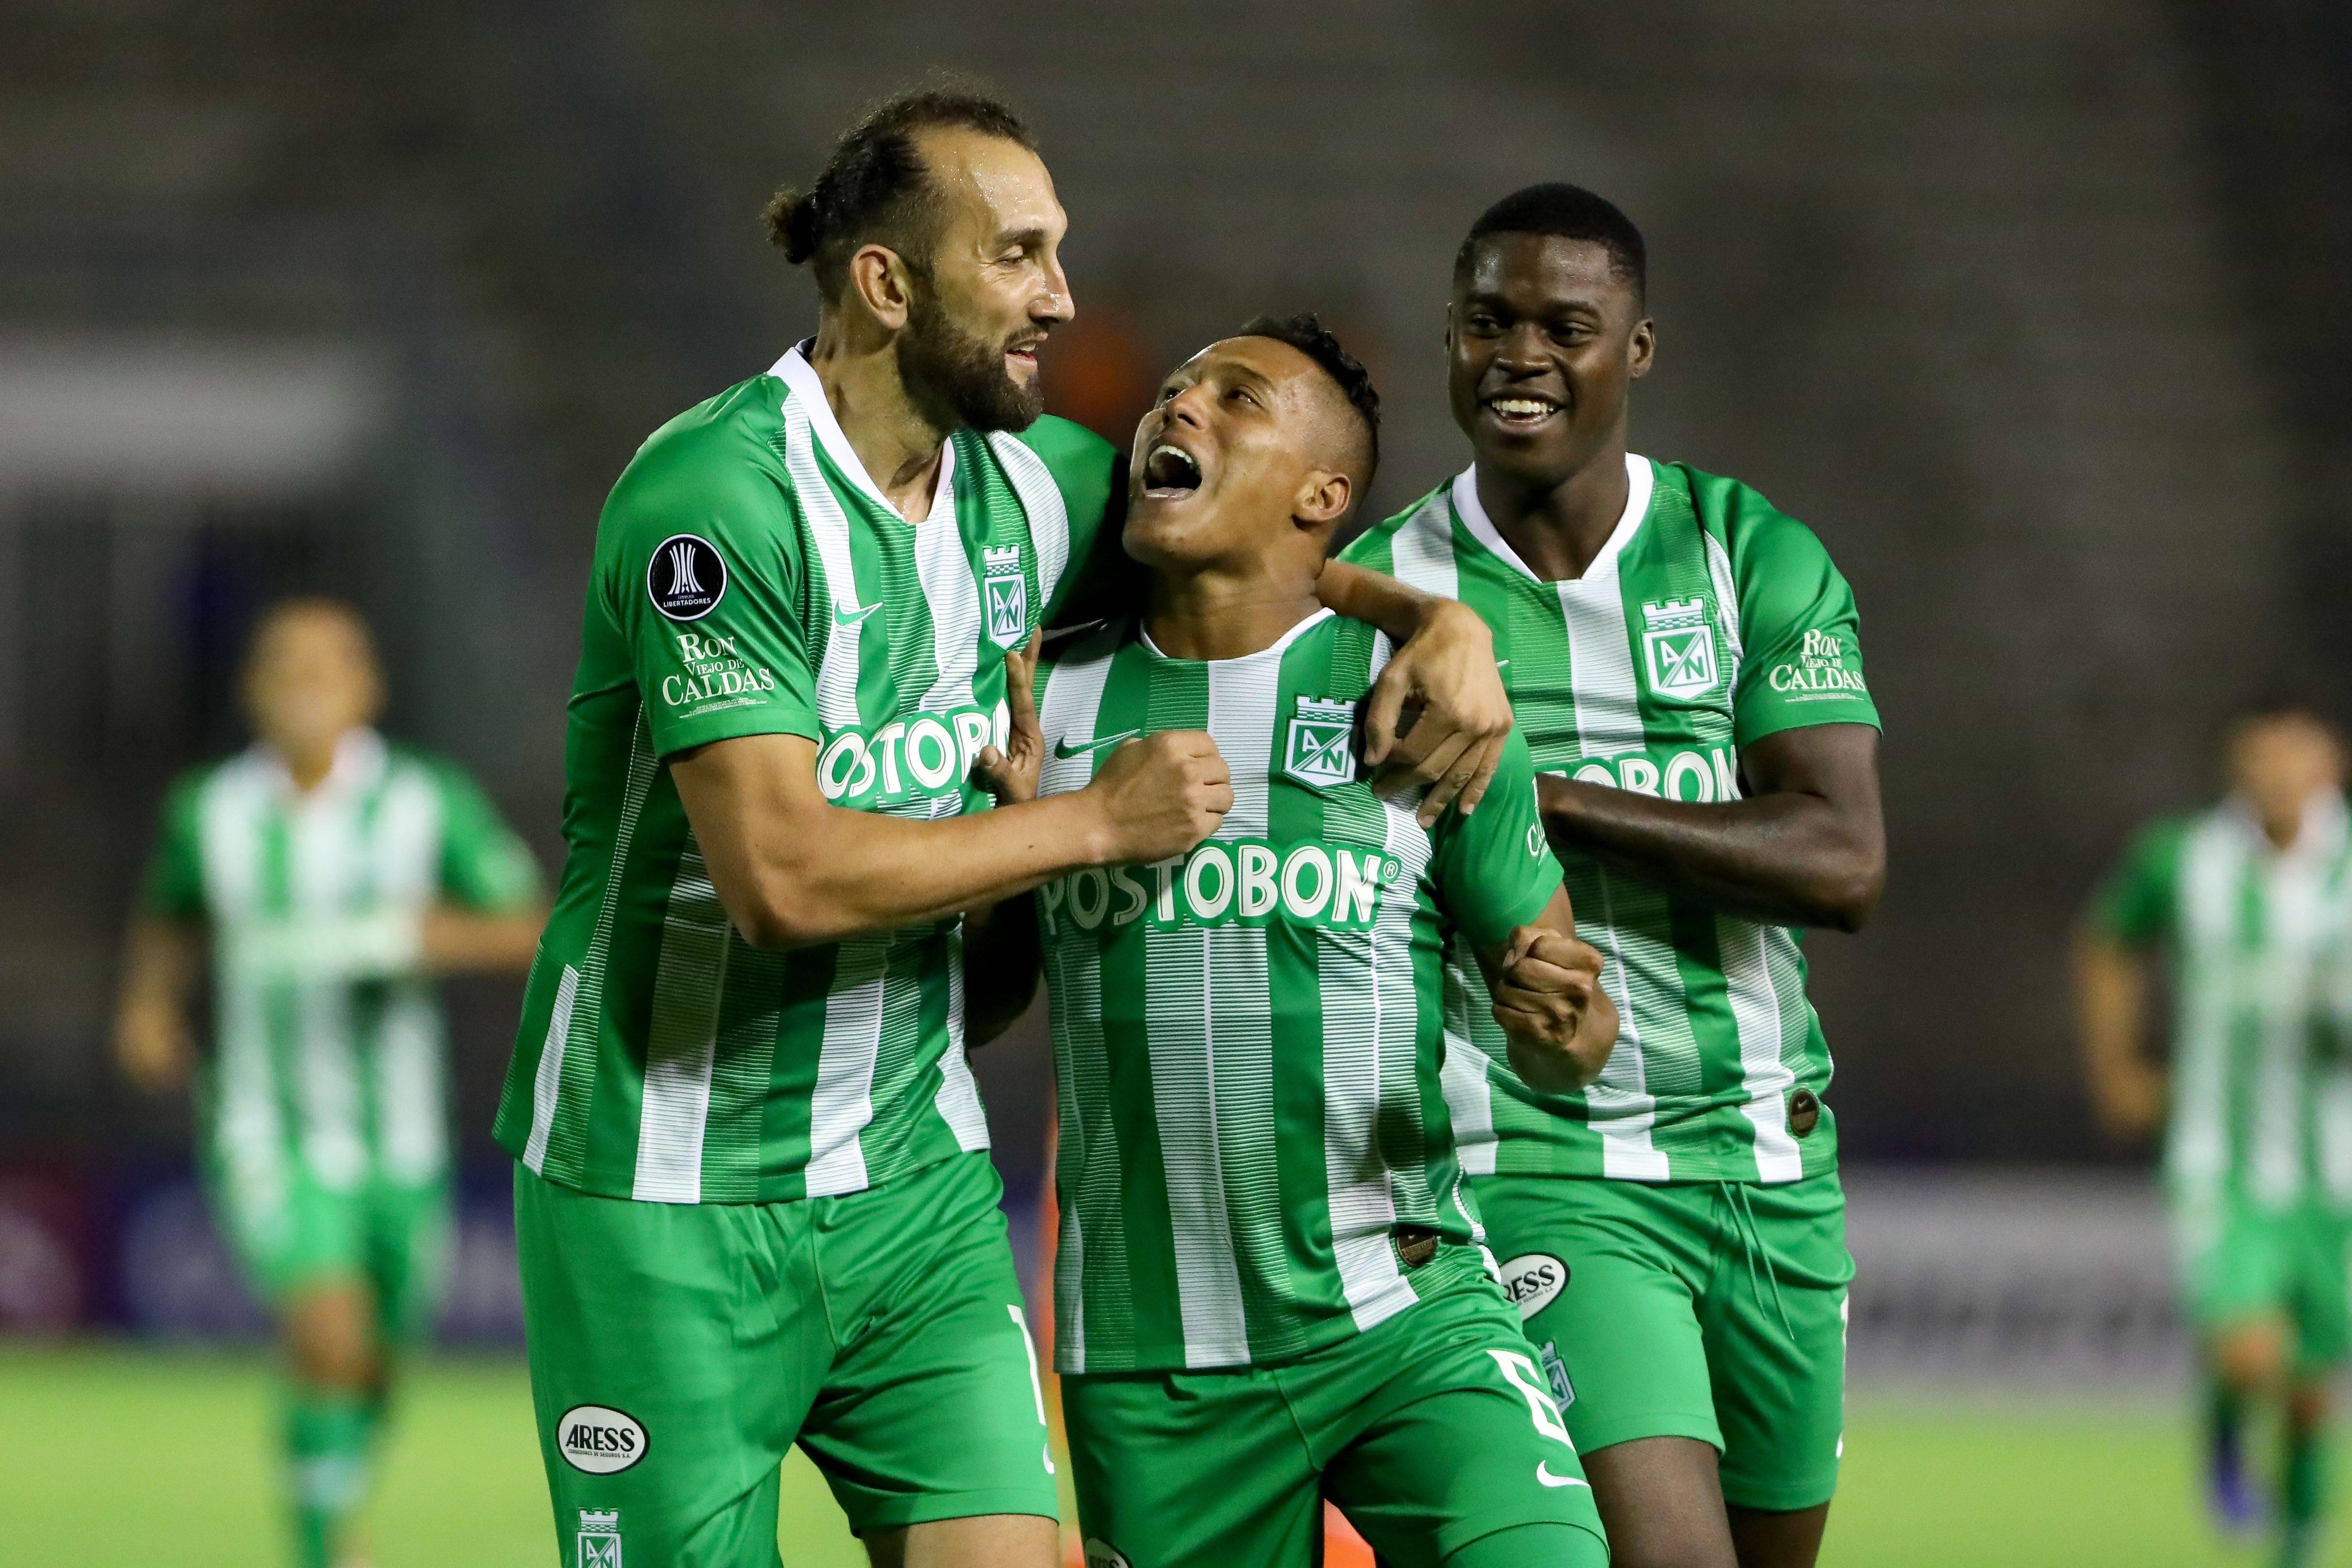 Ver Gratis Atl U00e9tico Nacional VS Libertad Copa Libertadores